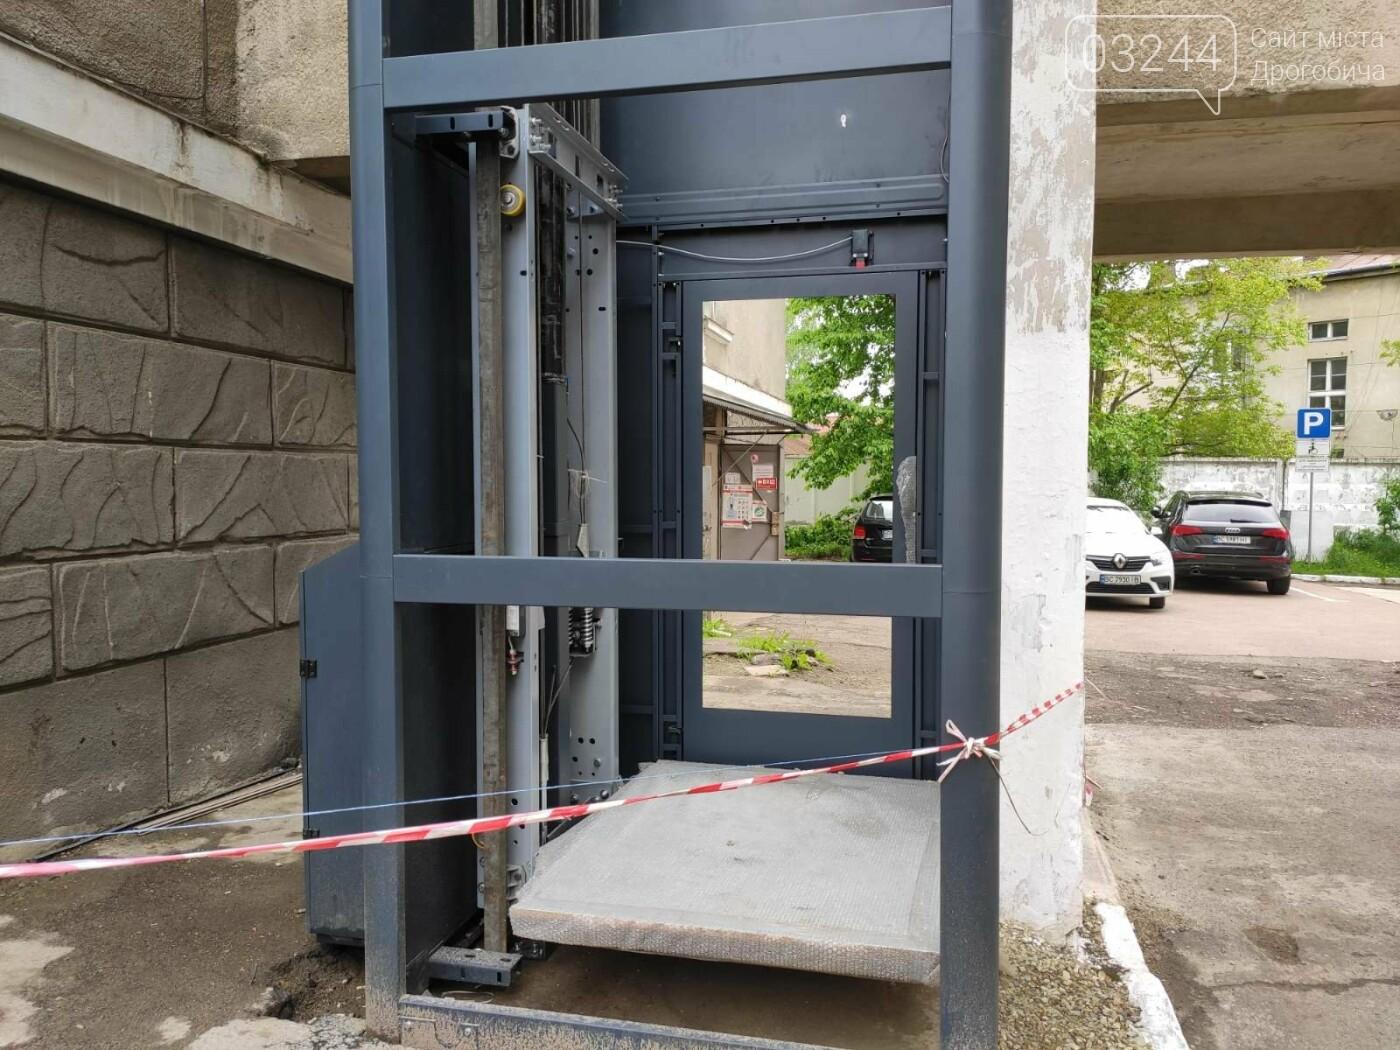 Осучаснюють: КНП «Дрогобицька поліклініка» встановлює зовнішній ліфт для маломобільних груп населення, фото-4